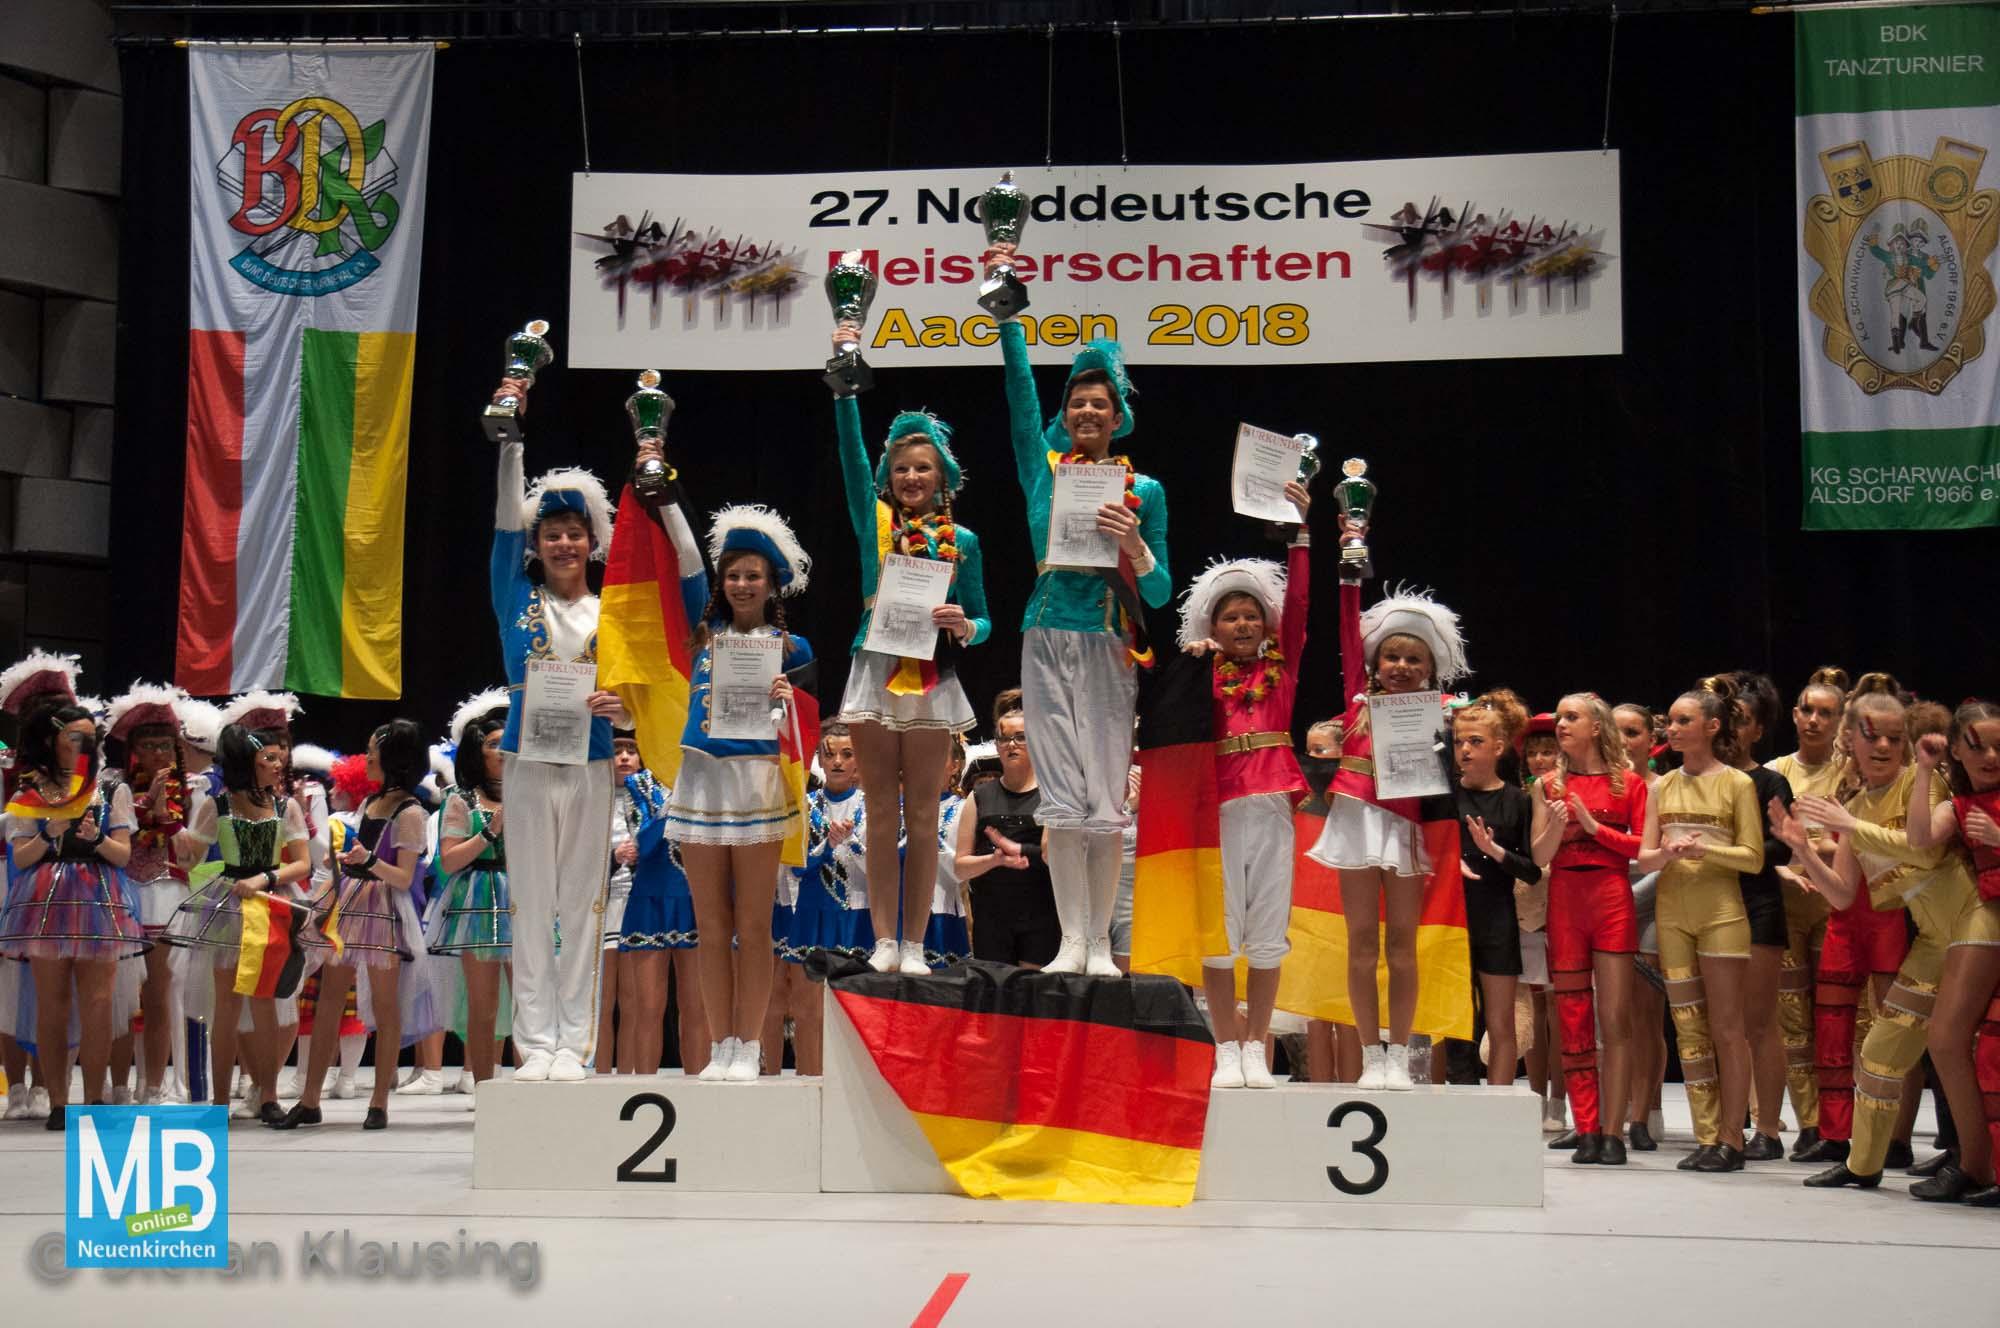 Norddeutsche Meisterschaft in Aachen 2018